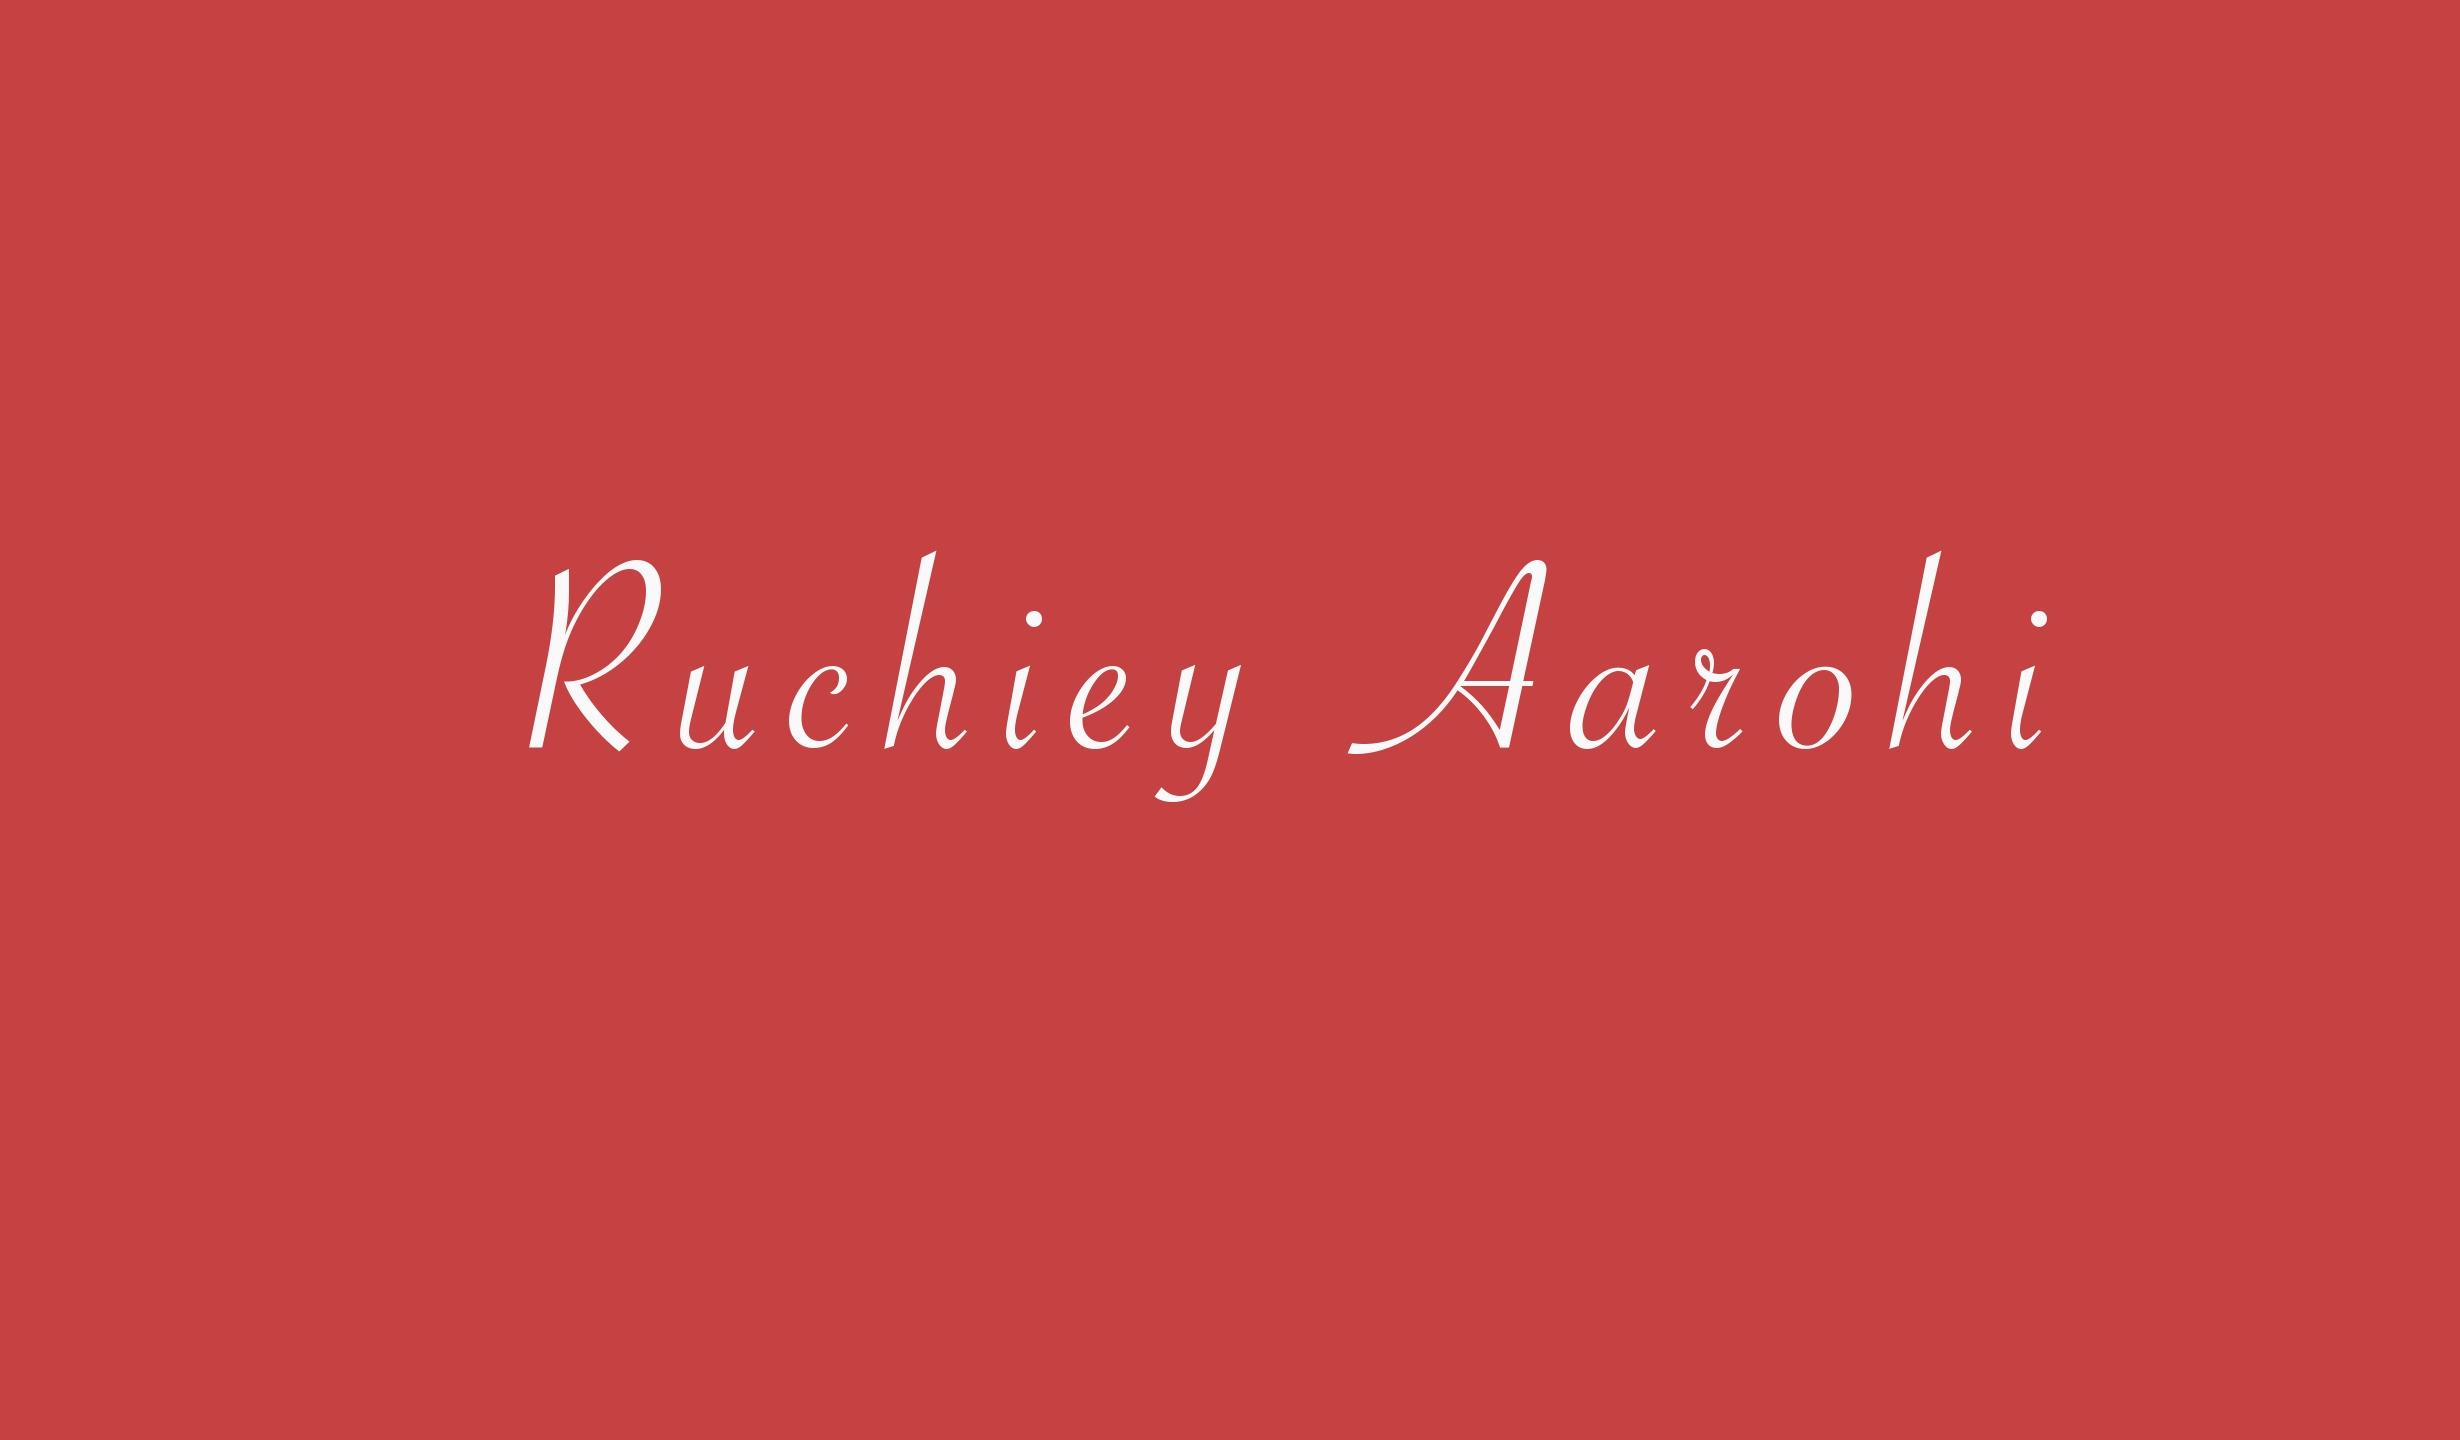 Ruchiey Aarohi (@ruchieyaarohi) Cover Image